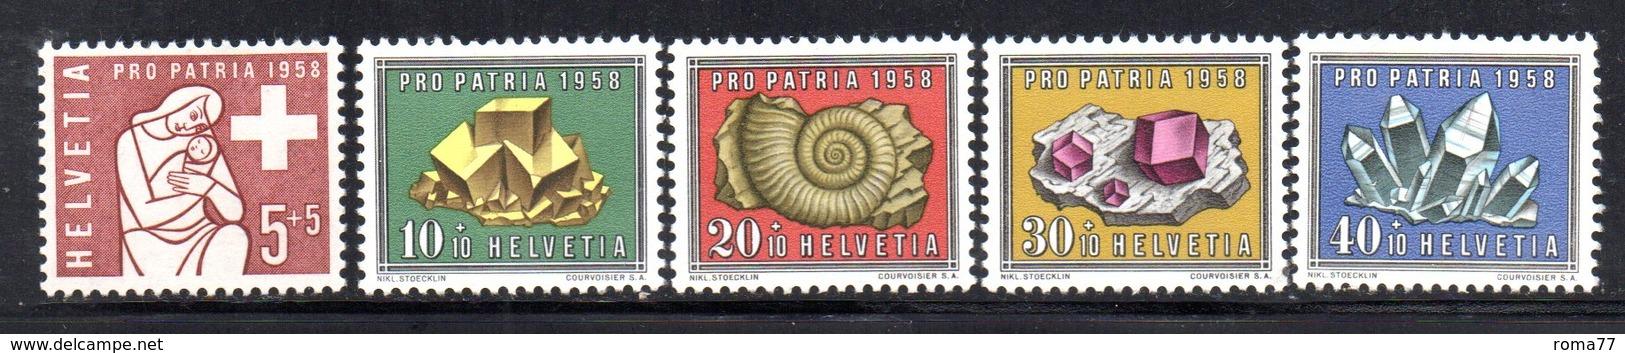 302/1500 - SVIZZERA 1958 , Unificato N. 606/610  ***  MNH  Pro Patria - Pro Patria